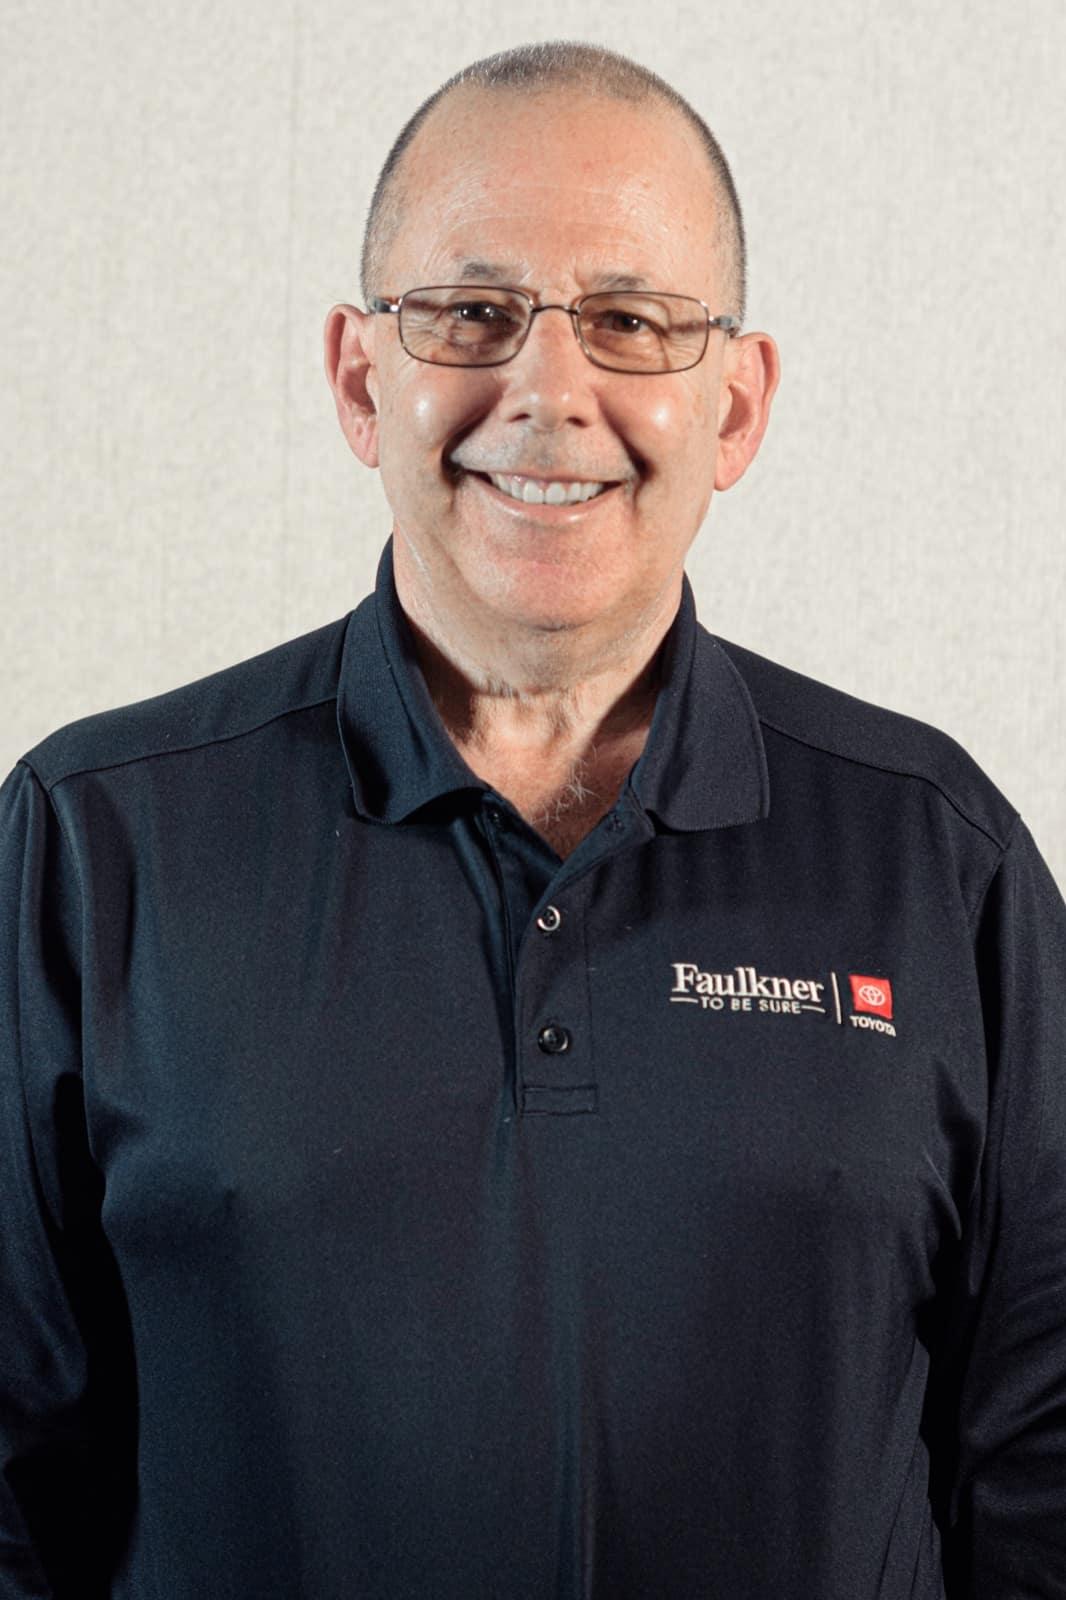 Alan Rhode